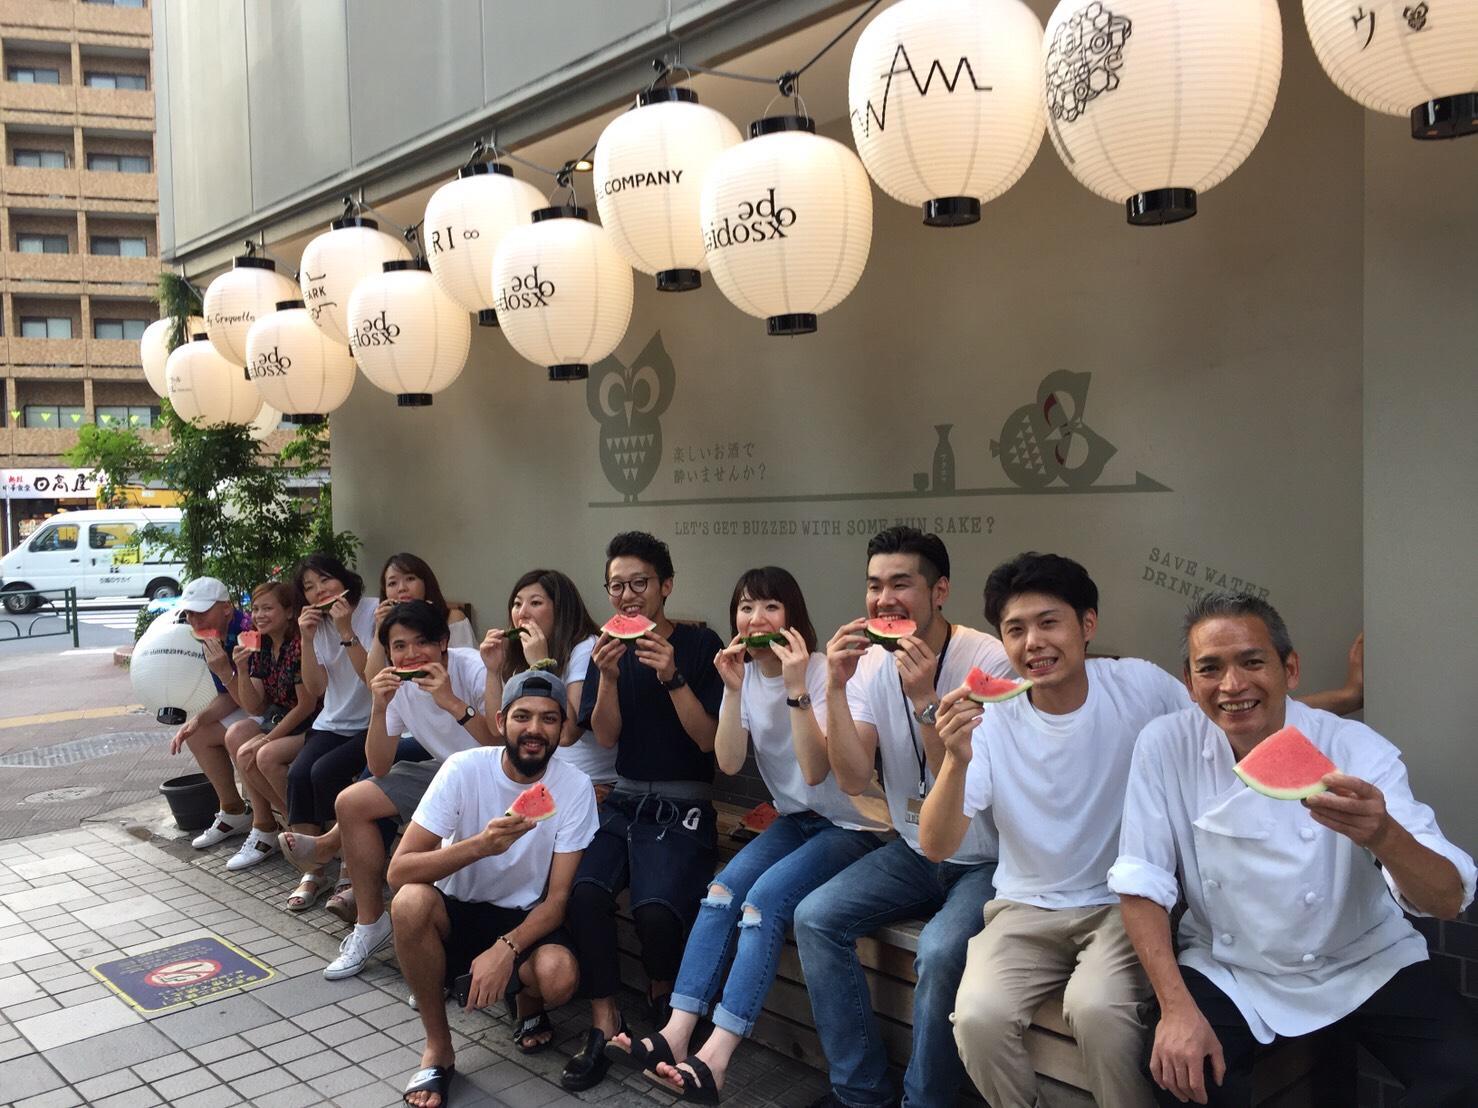 |東京|ホステル|「眠らせている場合ではない、あなたの才能、特技。」賢いホステルにてフリアコ募集!